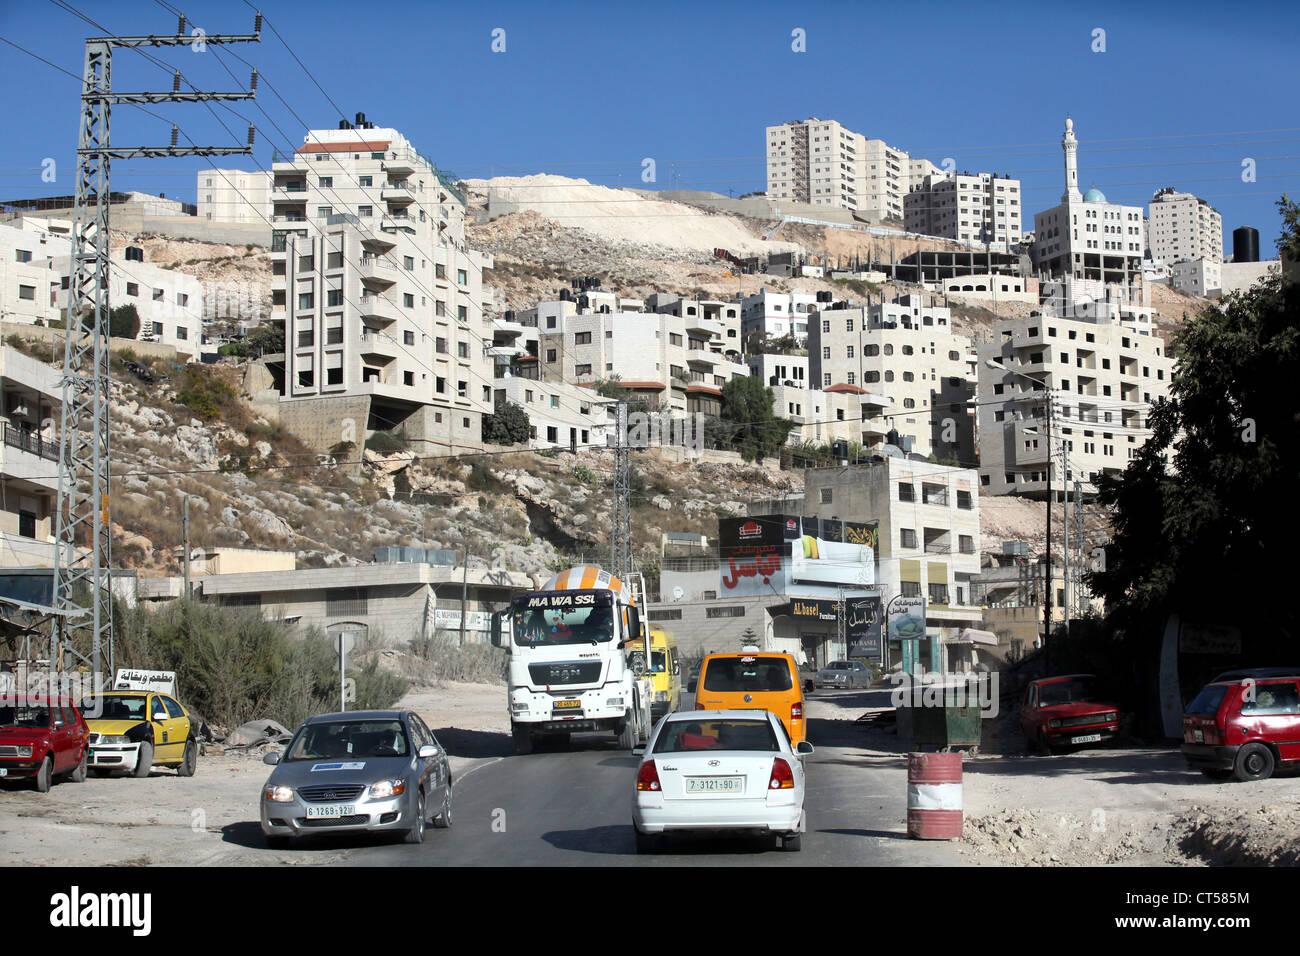 Nablus, Palestine, West Bank, Palestinian Authority - Stock Image